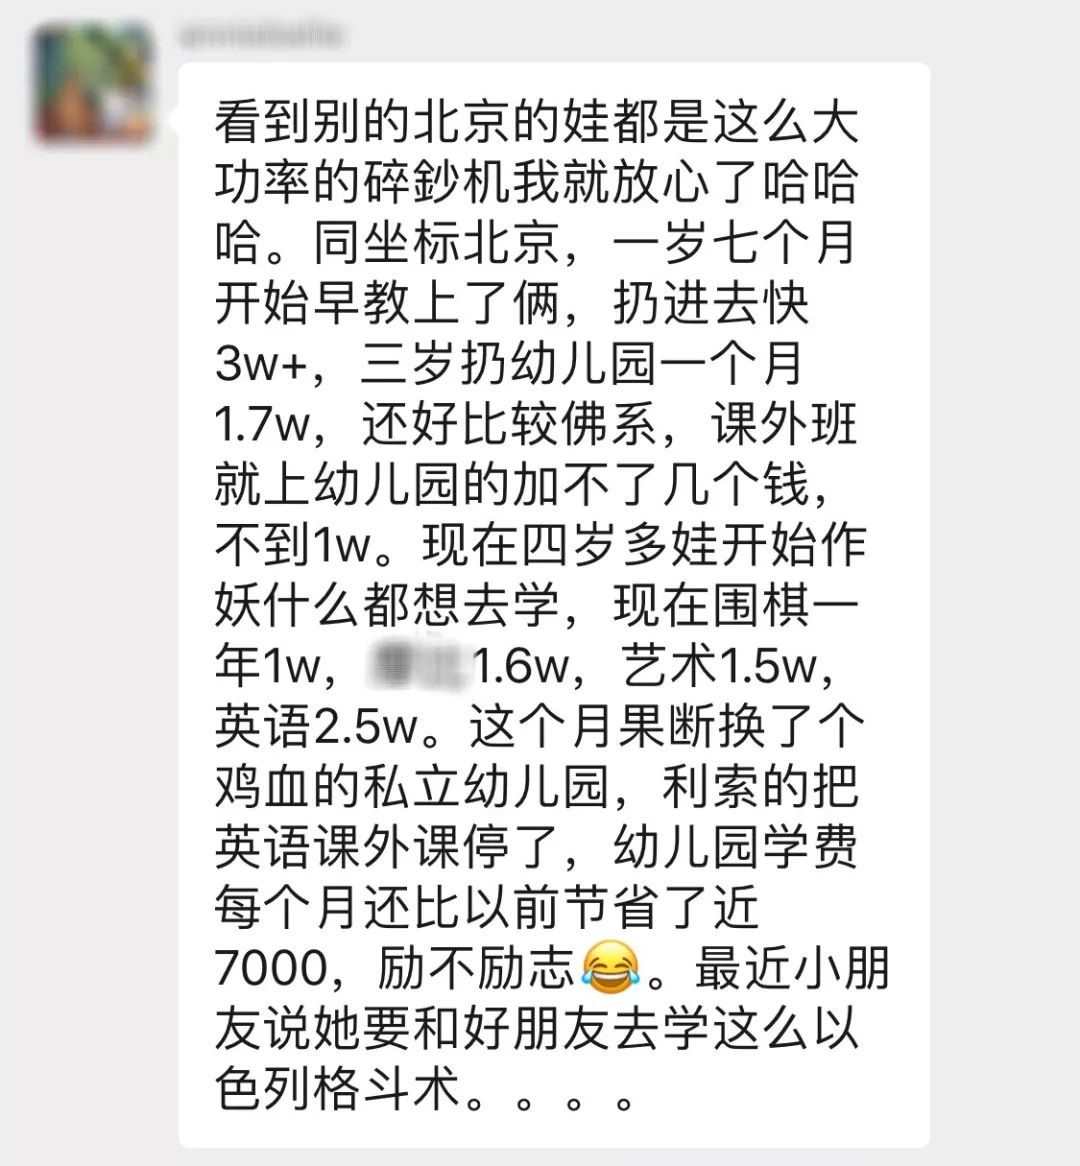 """中国""""顶级焦虑中产老母""""图鉴"""